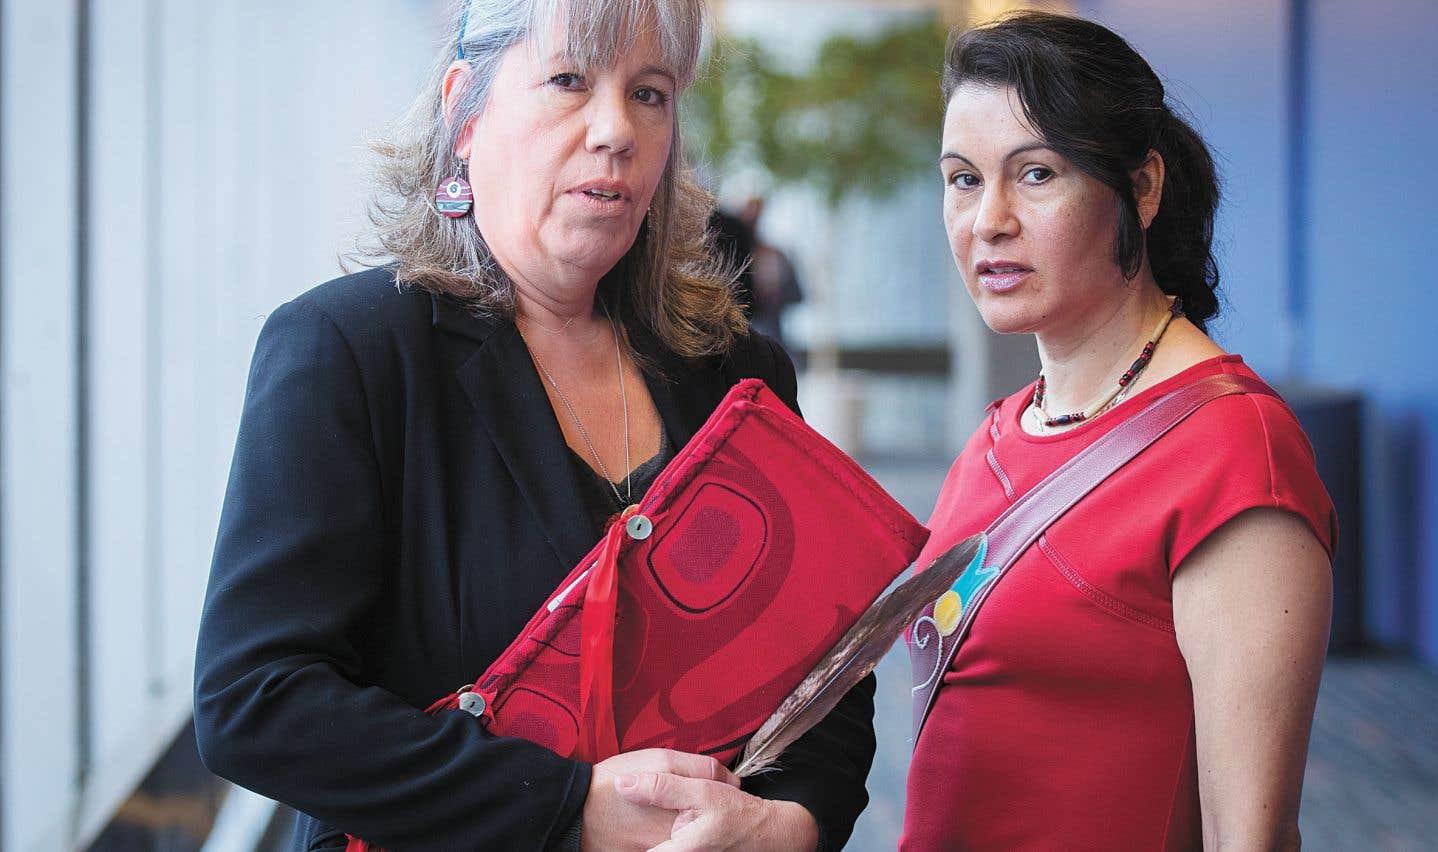 Vicky Boldo, du Réseau pour la stratégie urbaine de la communauté autochtone à Montréal, et Nakuset, qui dirige le Foyer des femmes autochtones.